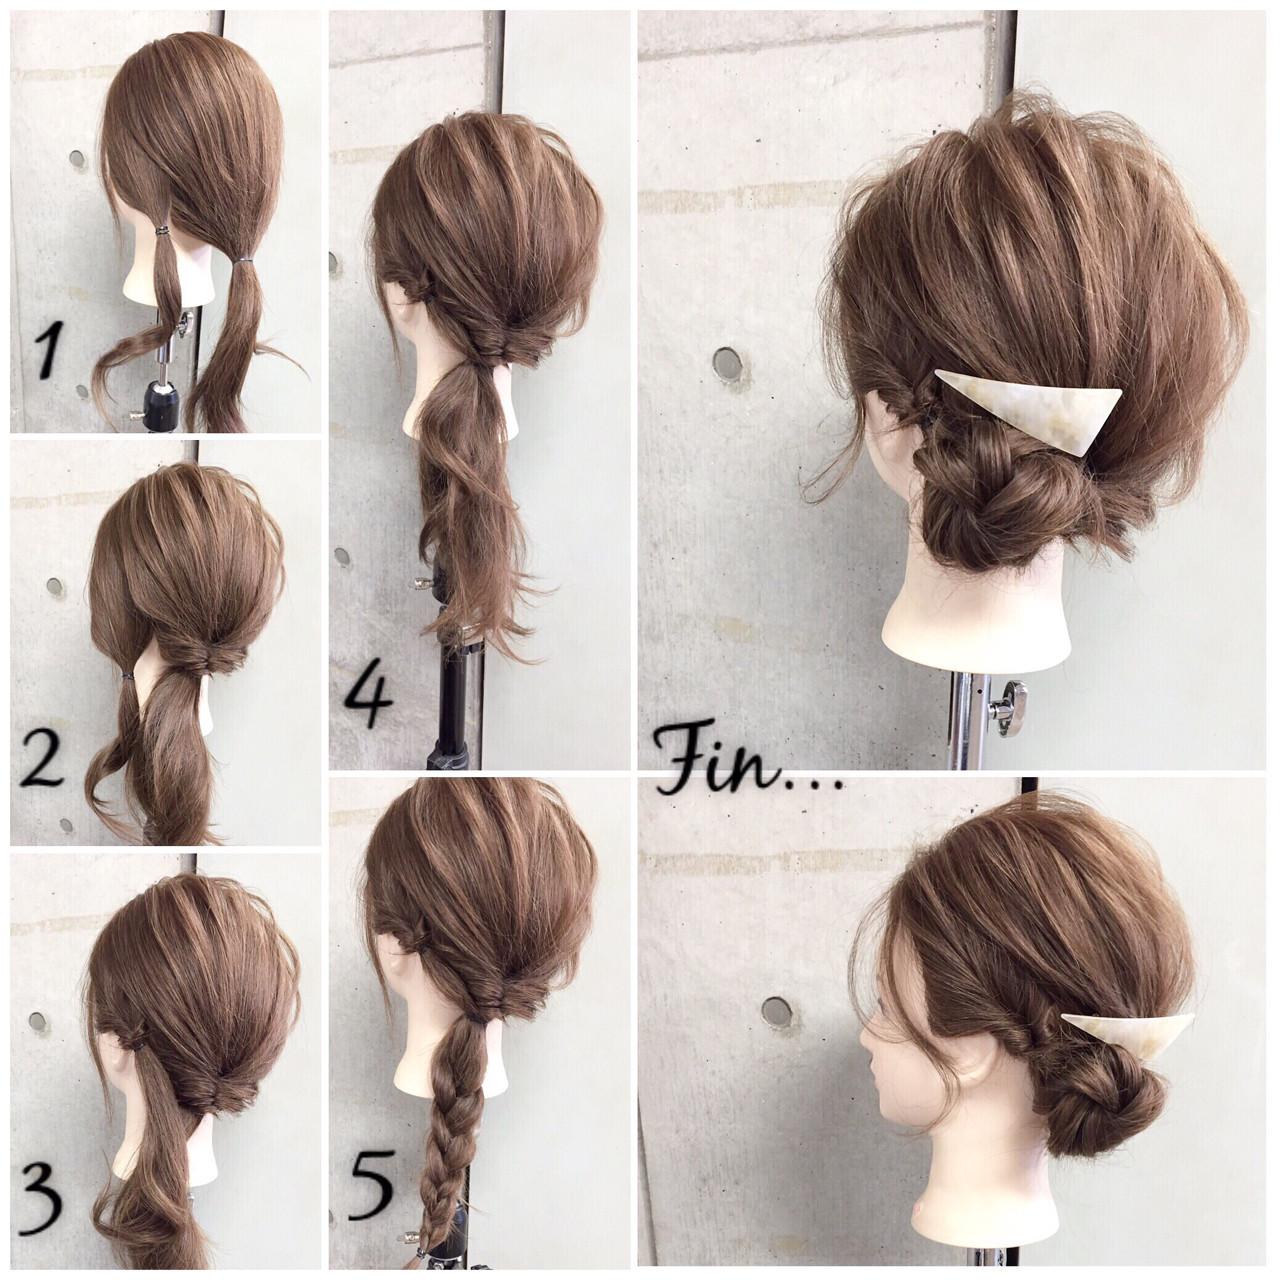 セミロング 大人女子 ショート シニヨン ヘアスタイルや髪型の写真・画像